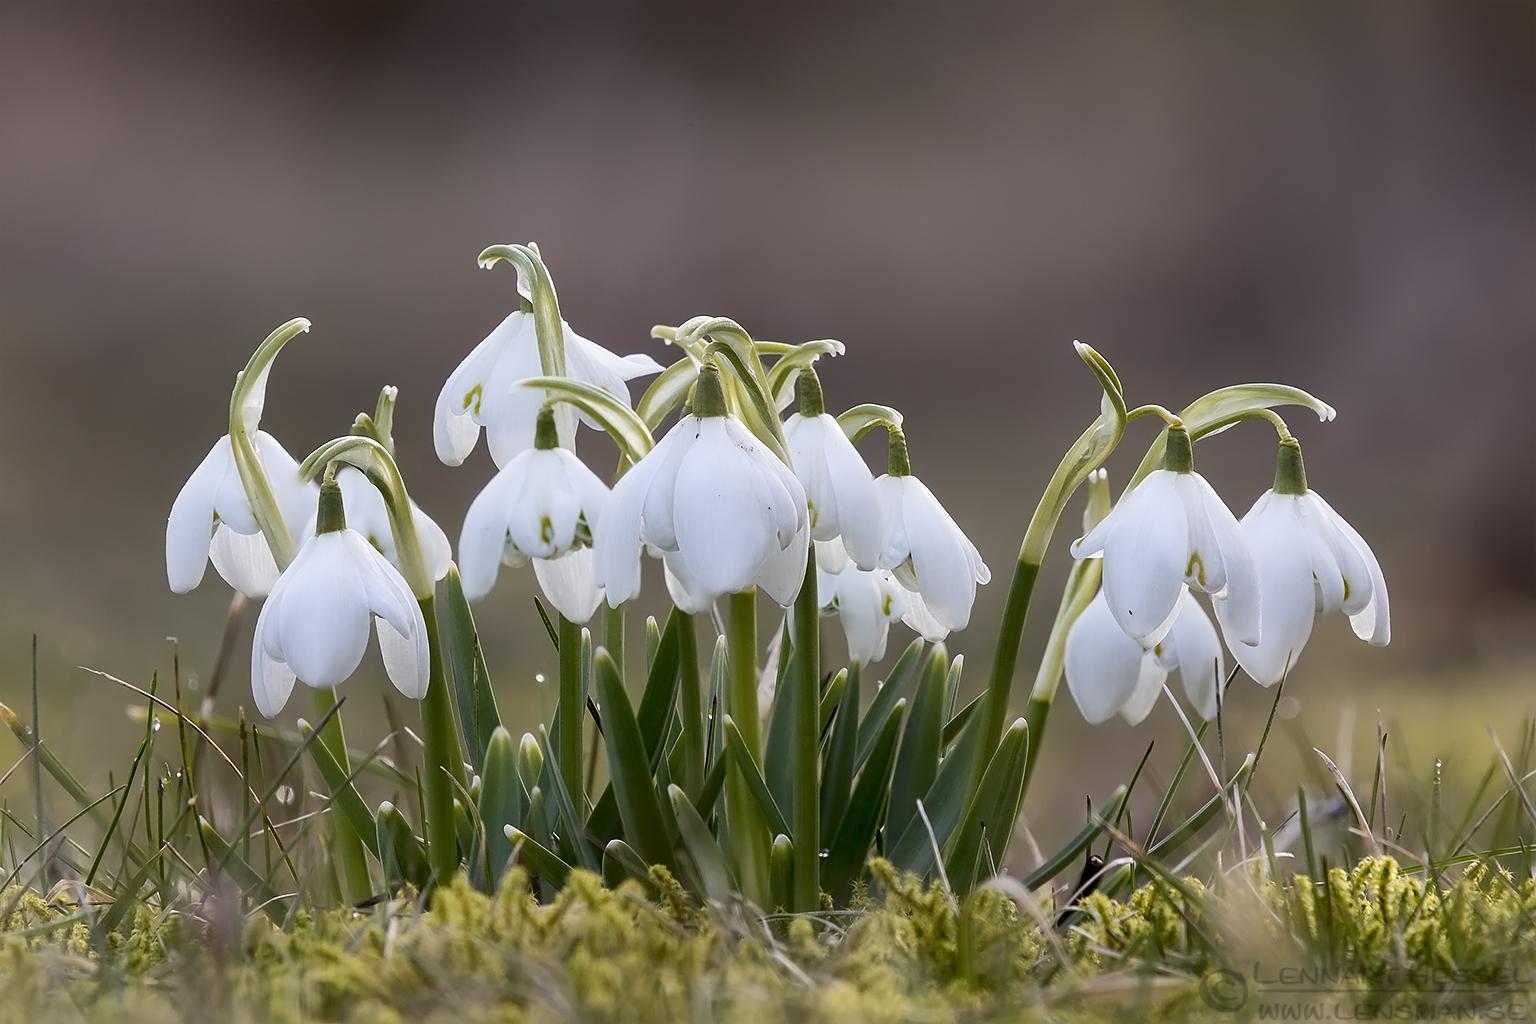 Common Snowdrops sunny